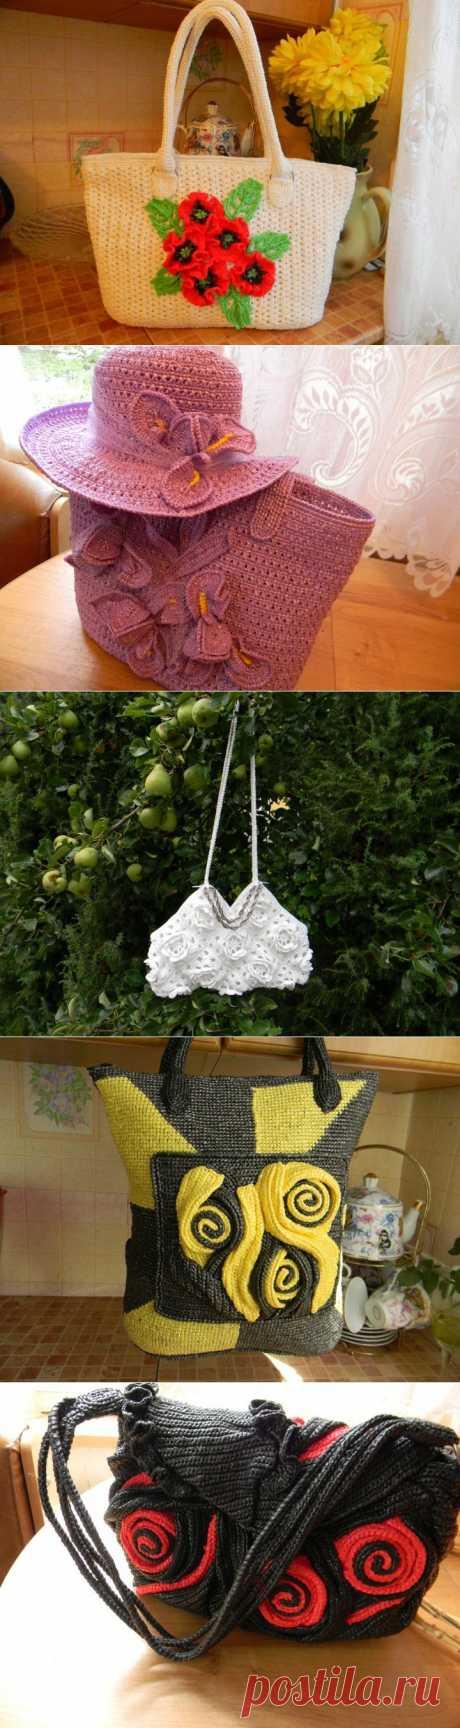 (+1) тема - Мои сумочки из пакетов для мусора.Хвастаюсь!!!! | РУКОДЕЛИЕ